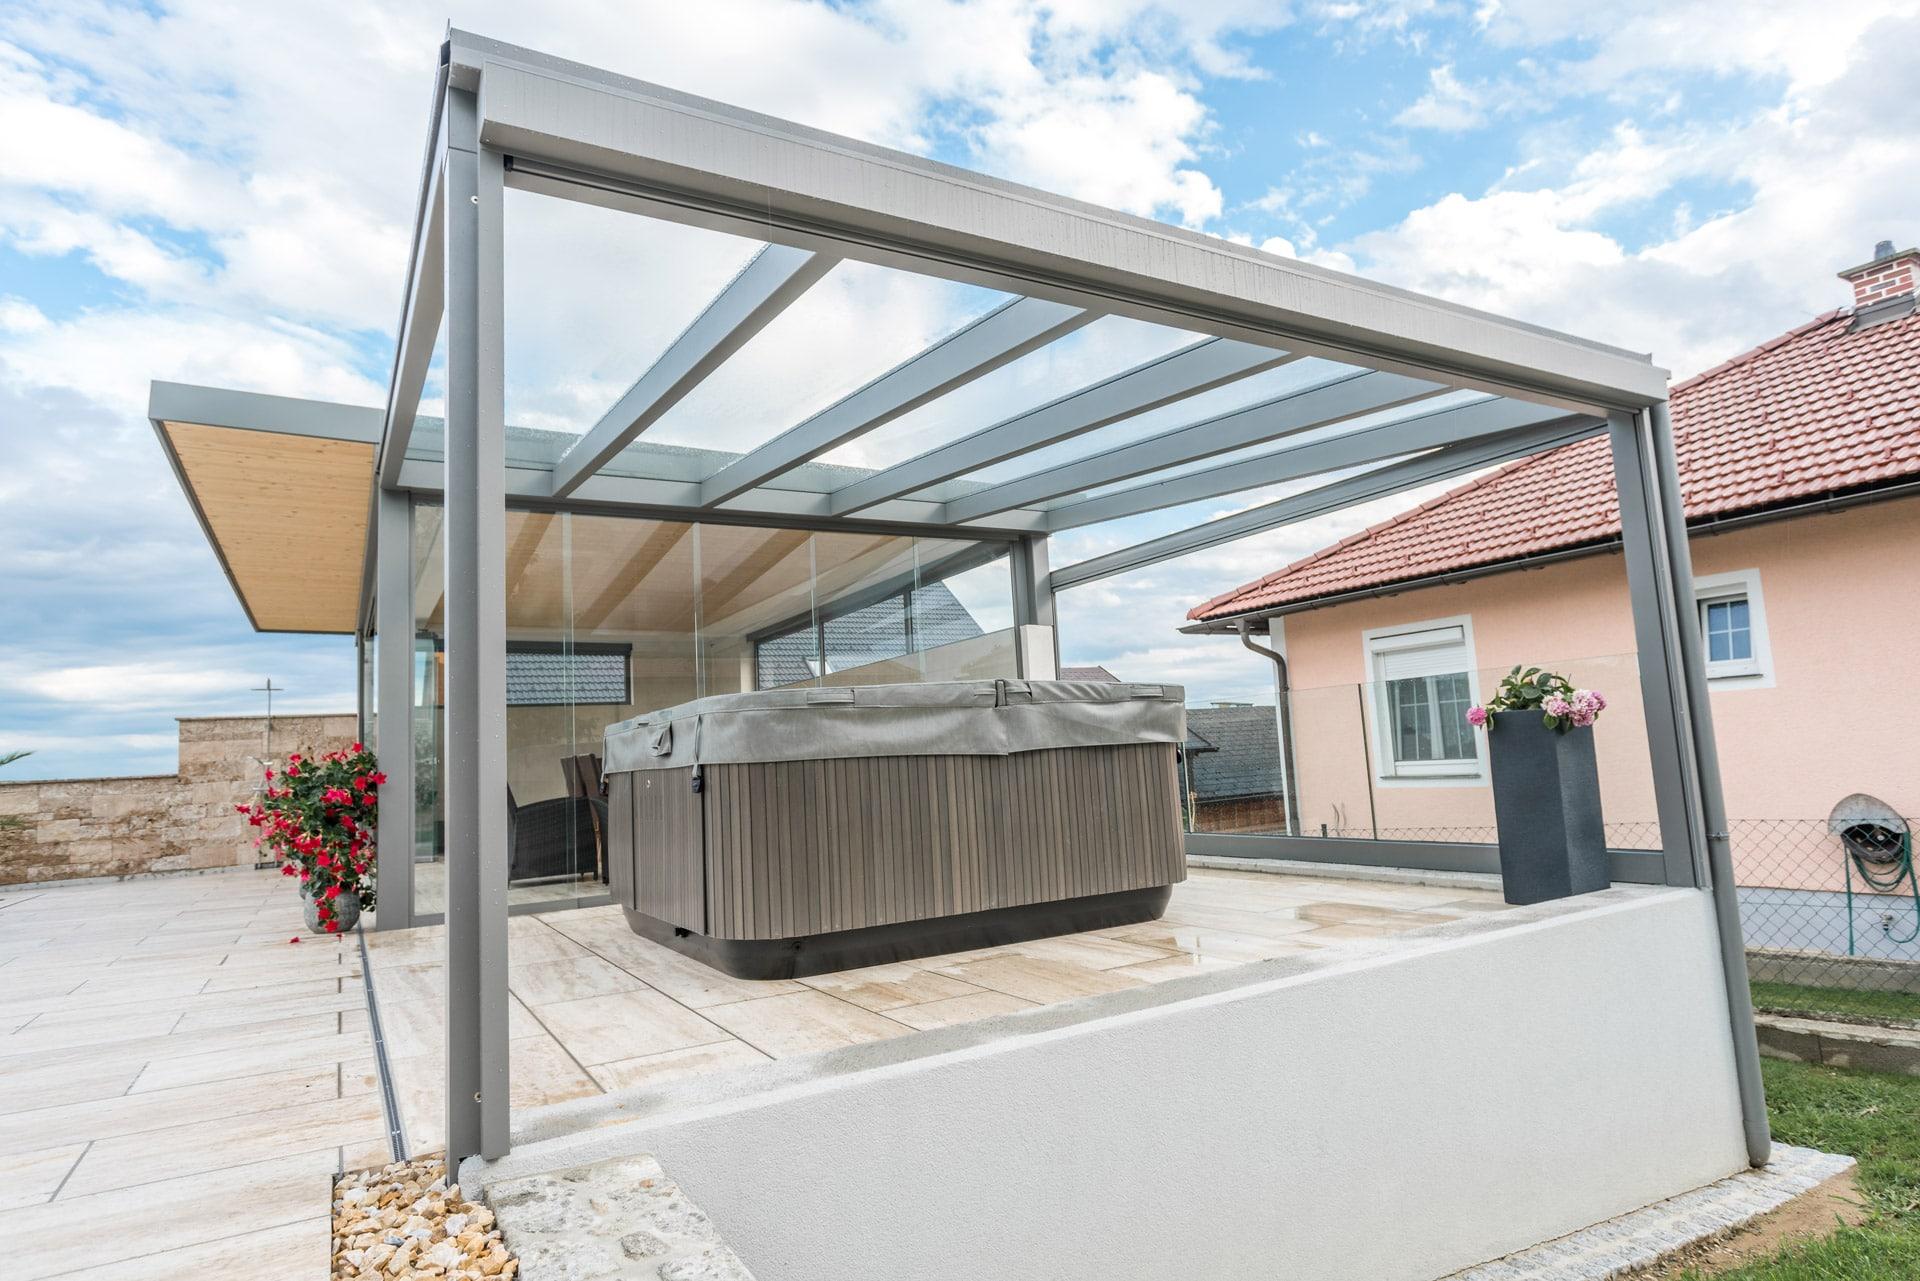 Terrassendach Alu 80 a | graues Alu-Glas-Dach über Whirlpool mit Klarglaseindeckung | Svoboda